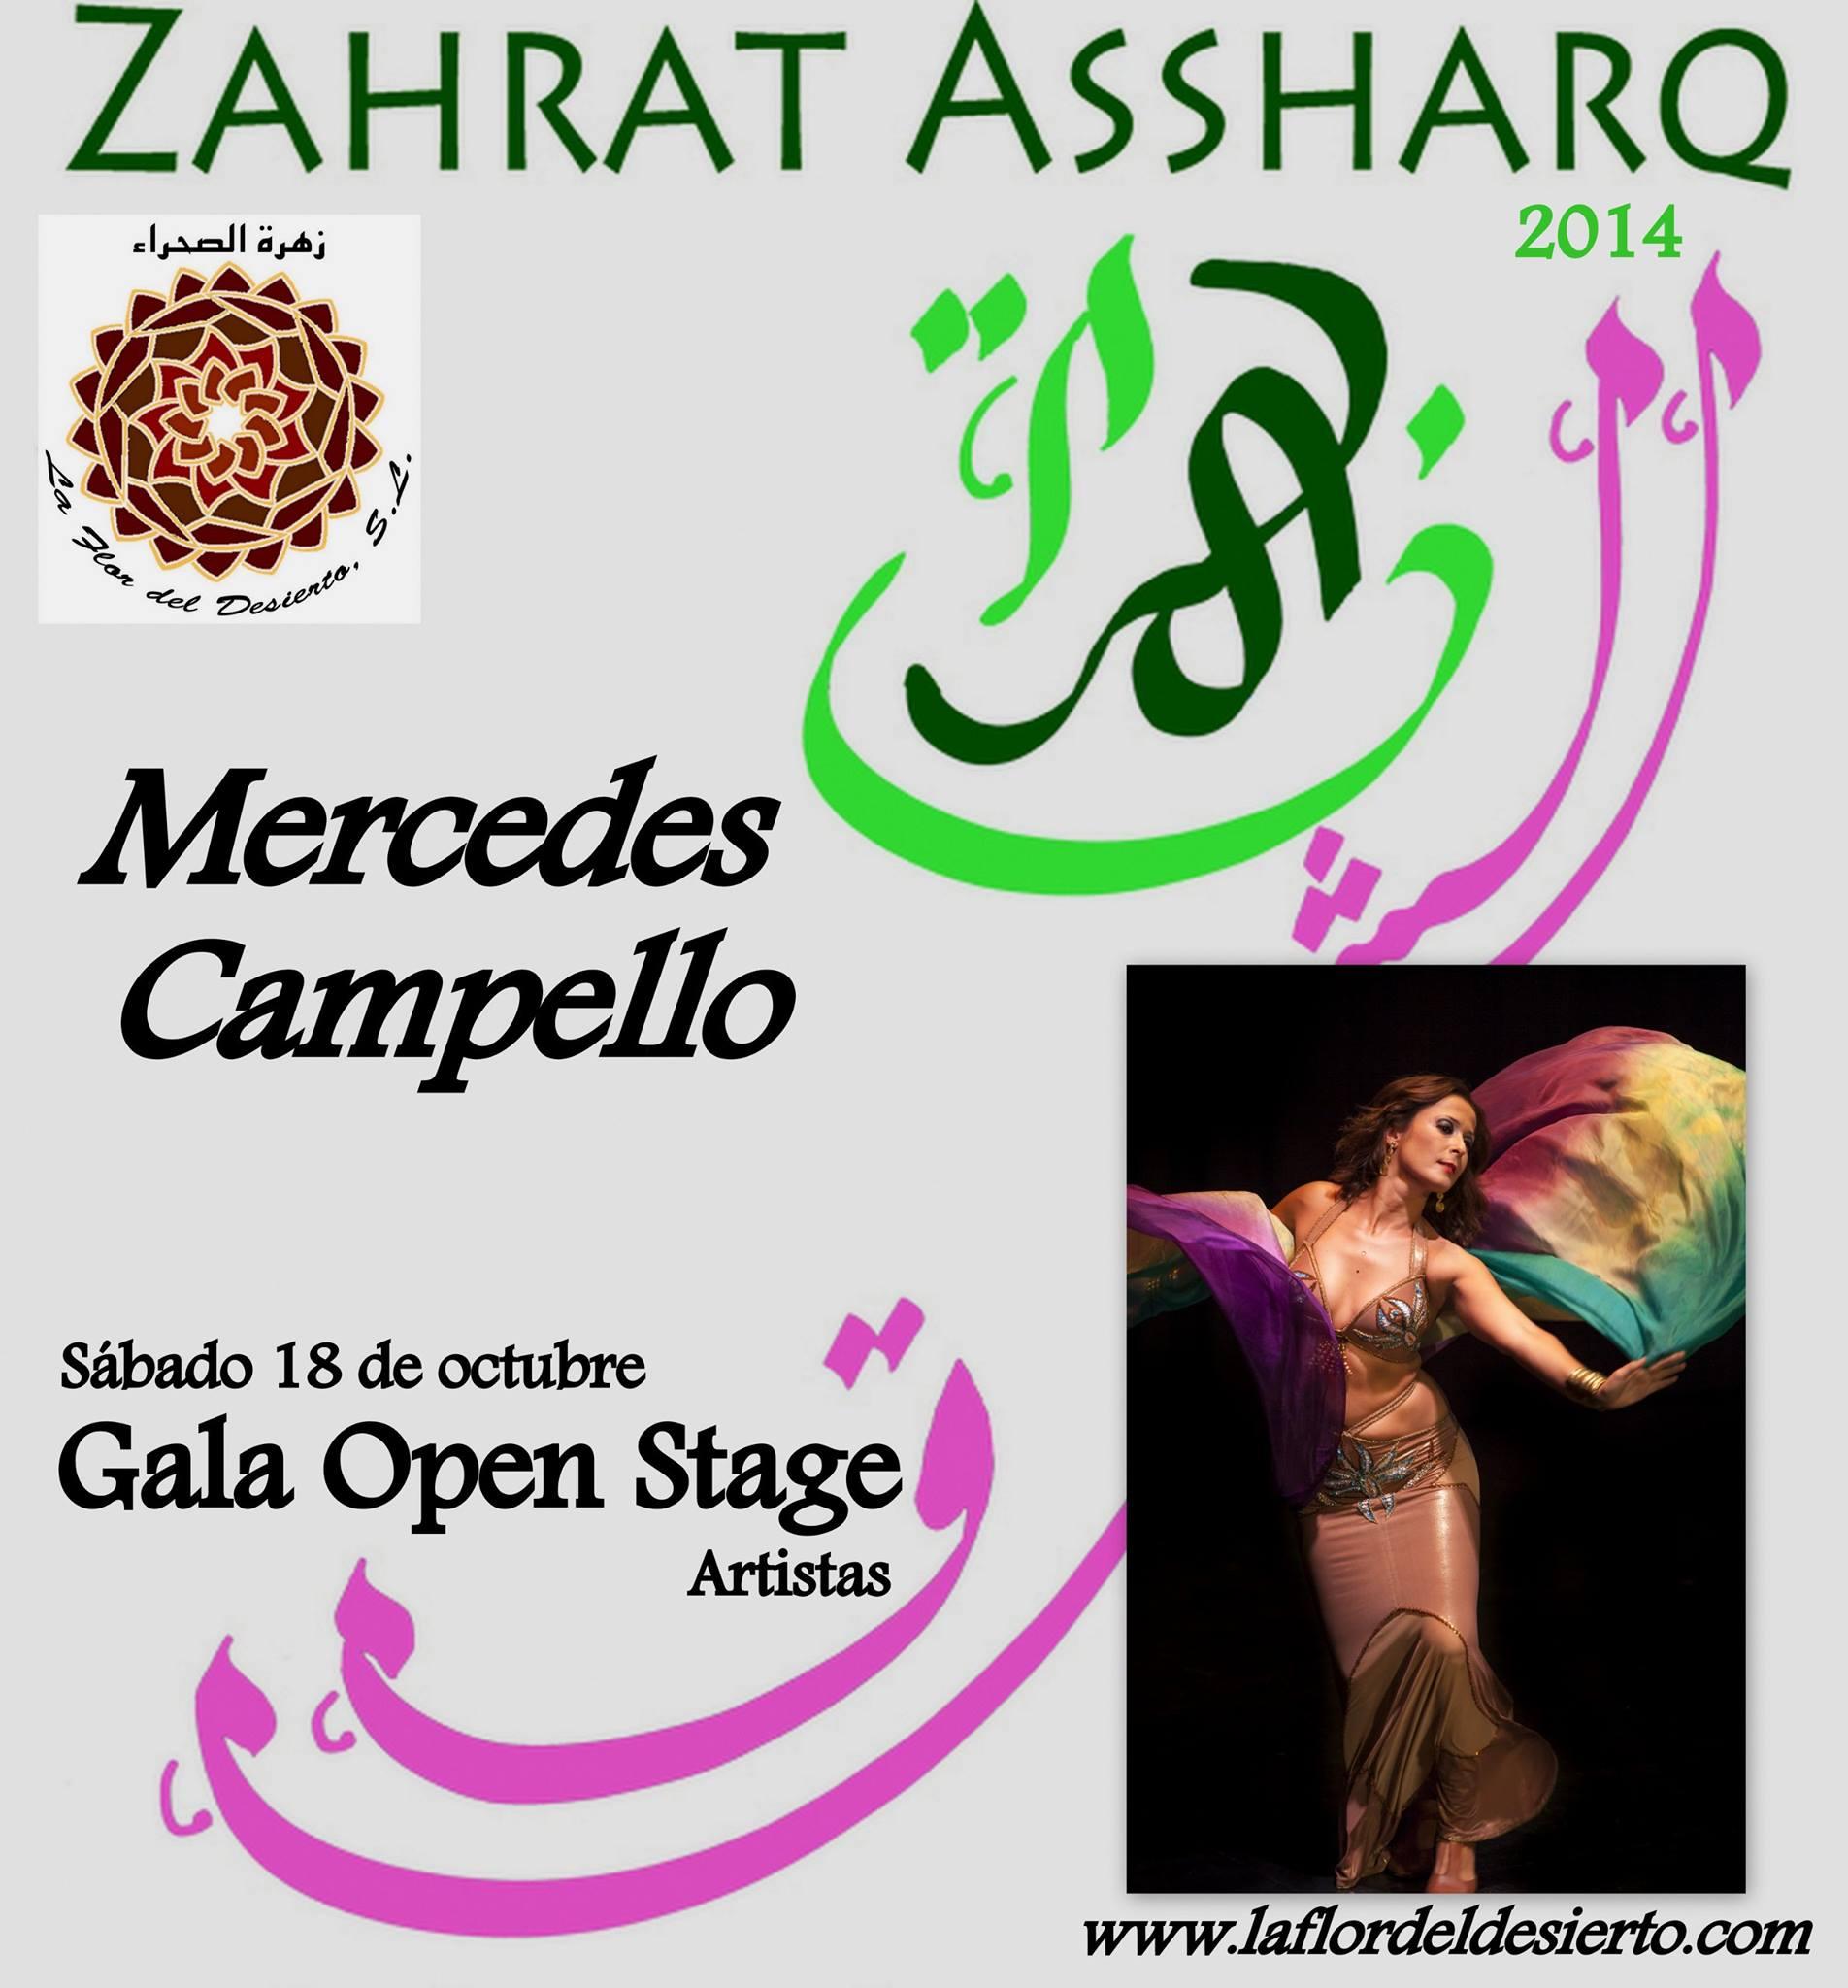 Festival Zahrat Assharq II.